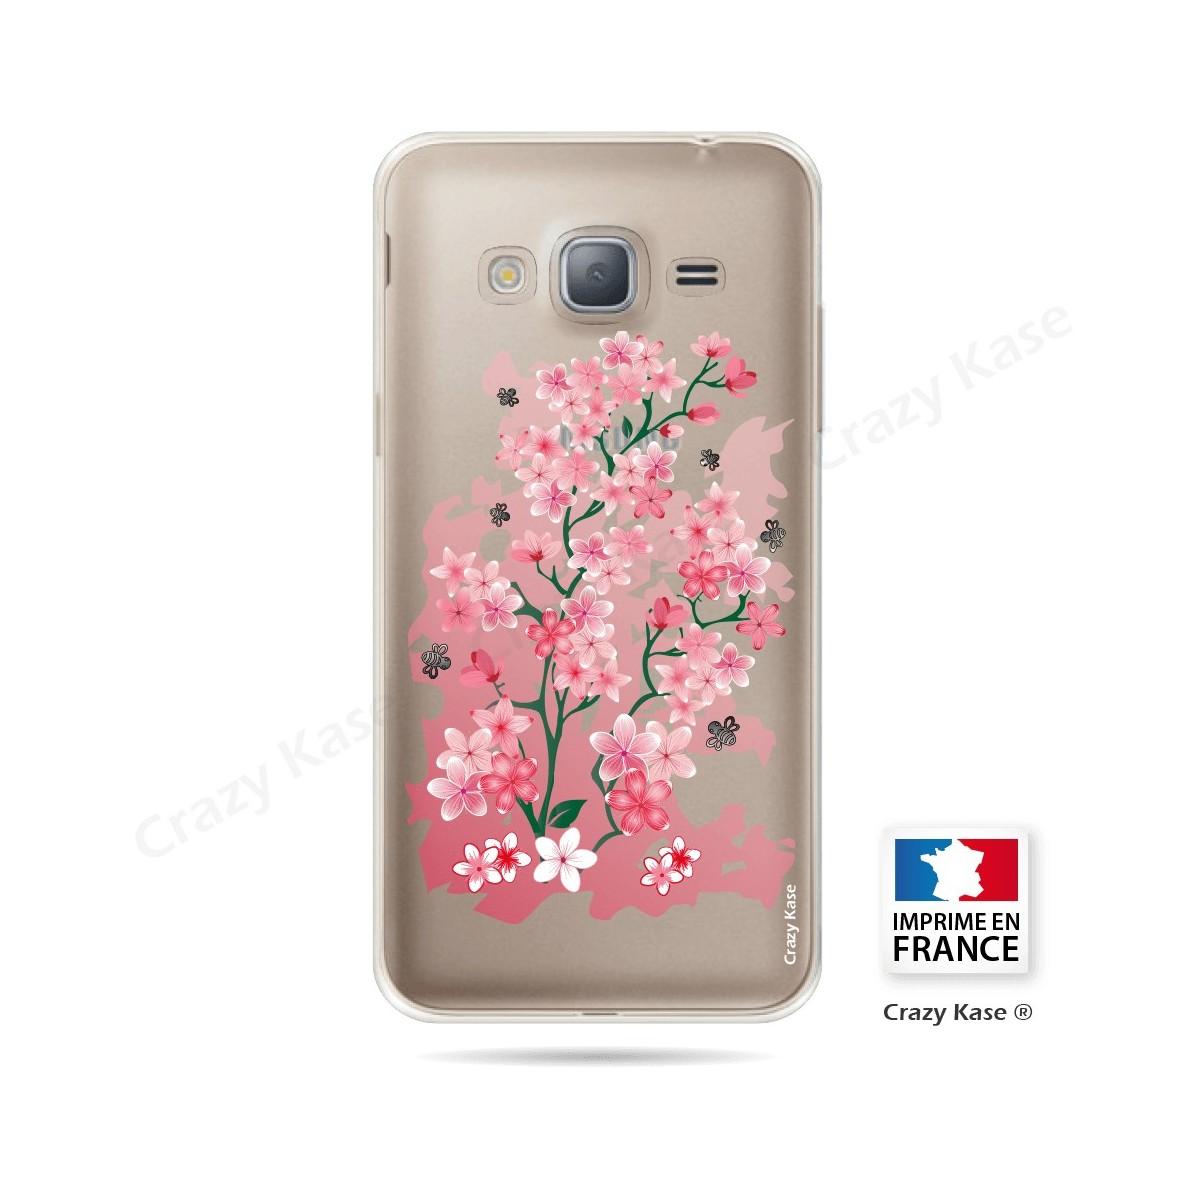 Coque Galaxy J3 (2016) Transparente et souple motif Fleurs de Cerisier - Crazy Kase